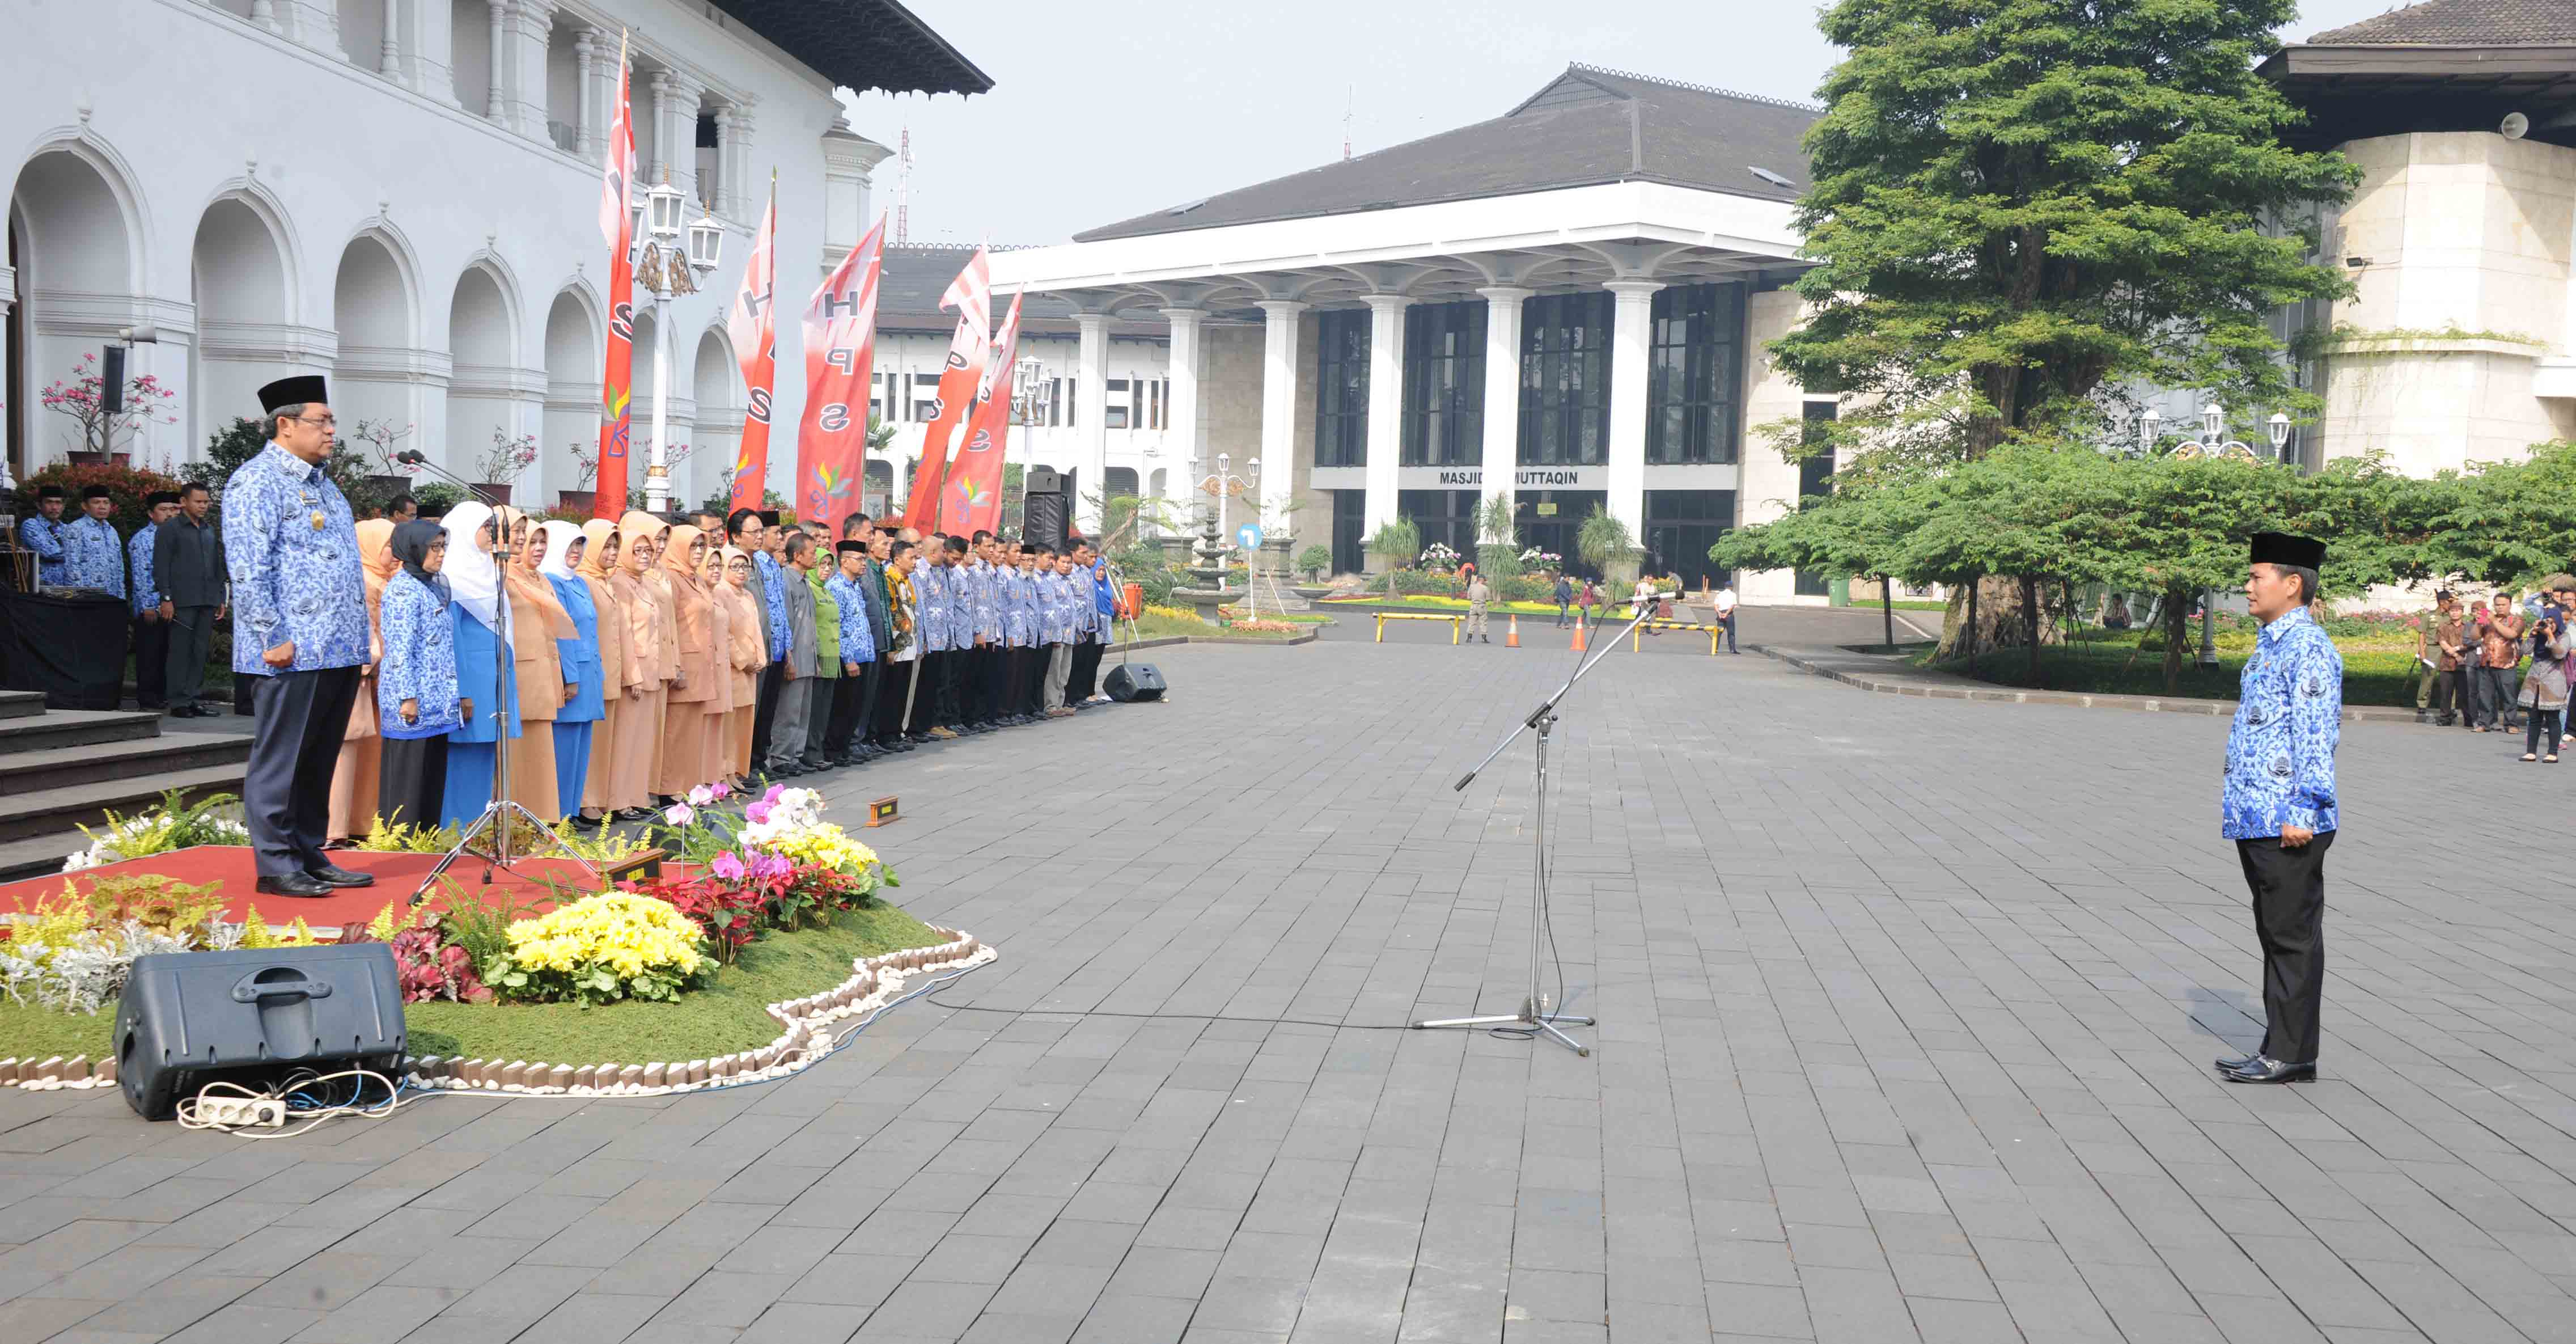 Gubernur jawa Barat memimpin upacara Peringatan Hari Pangan Sedunia (HPS)